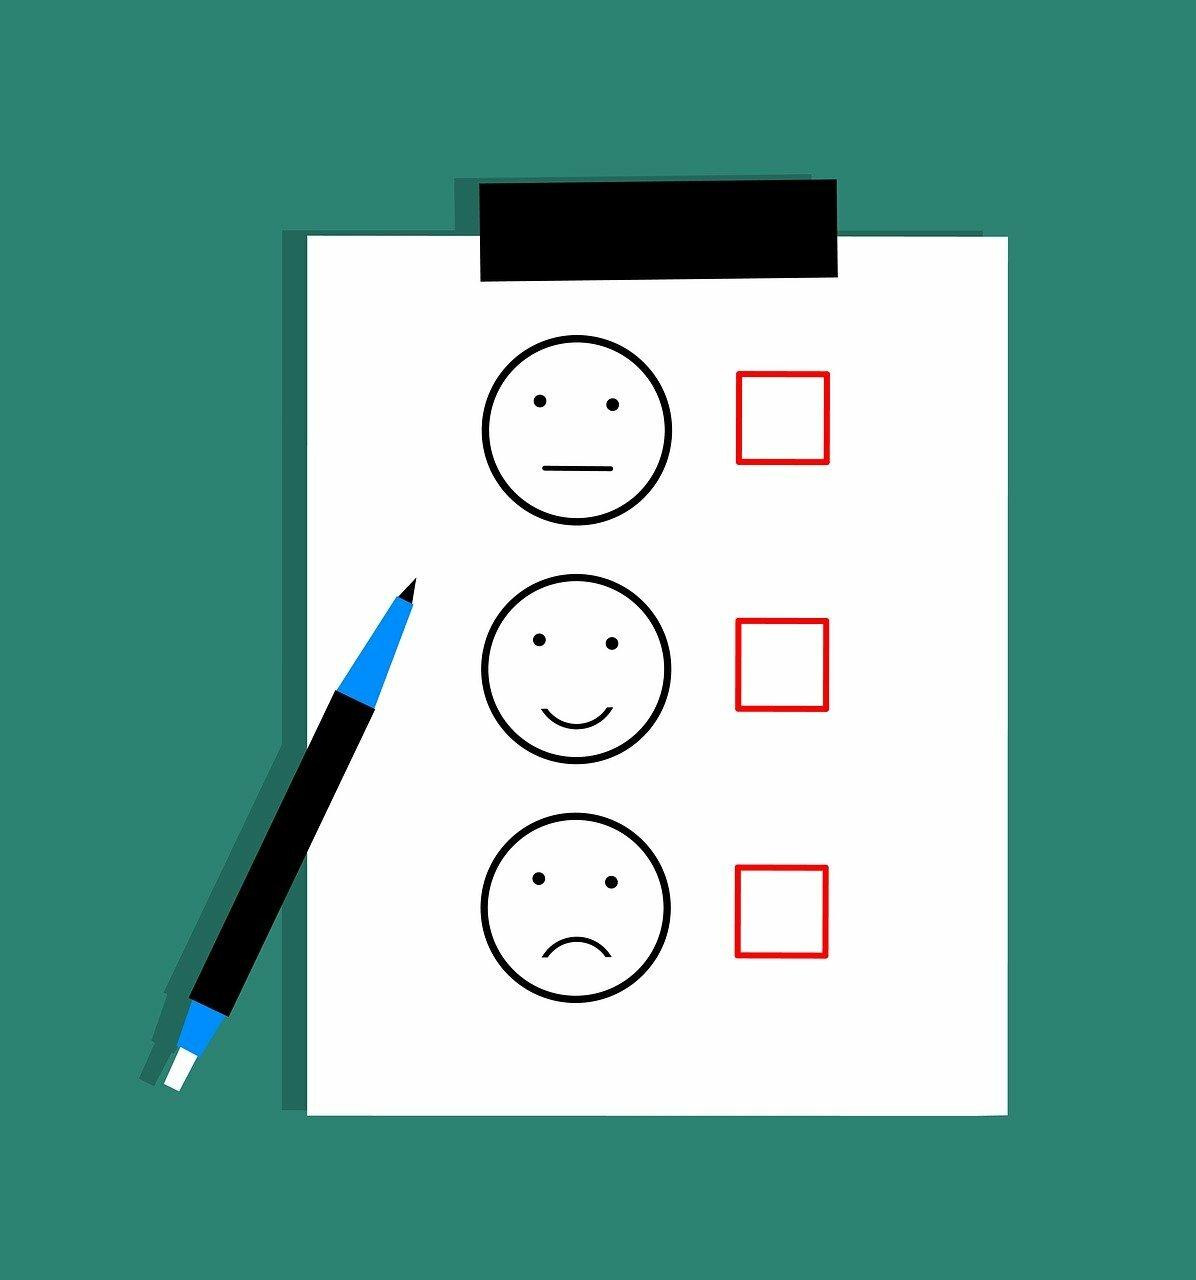 Questionnaire ©mohamed Hassan de Pixabay